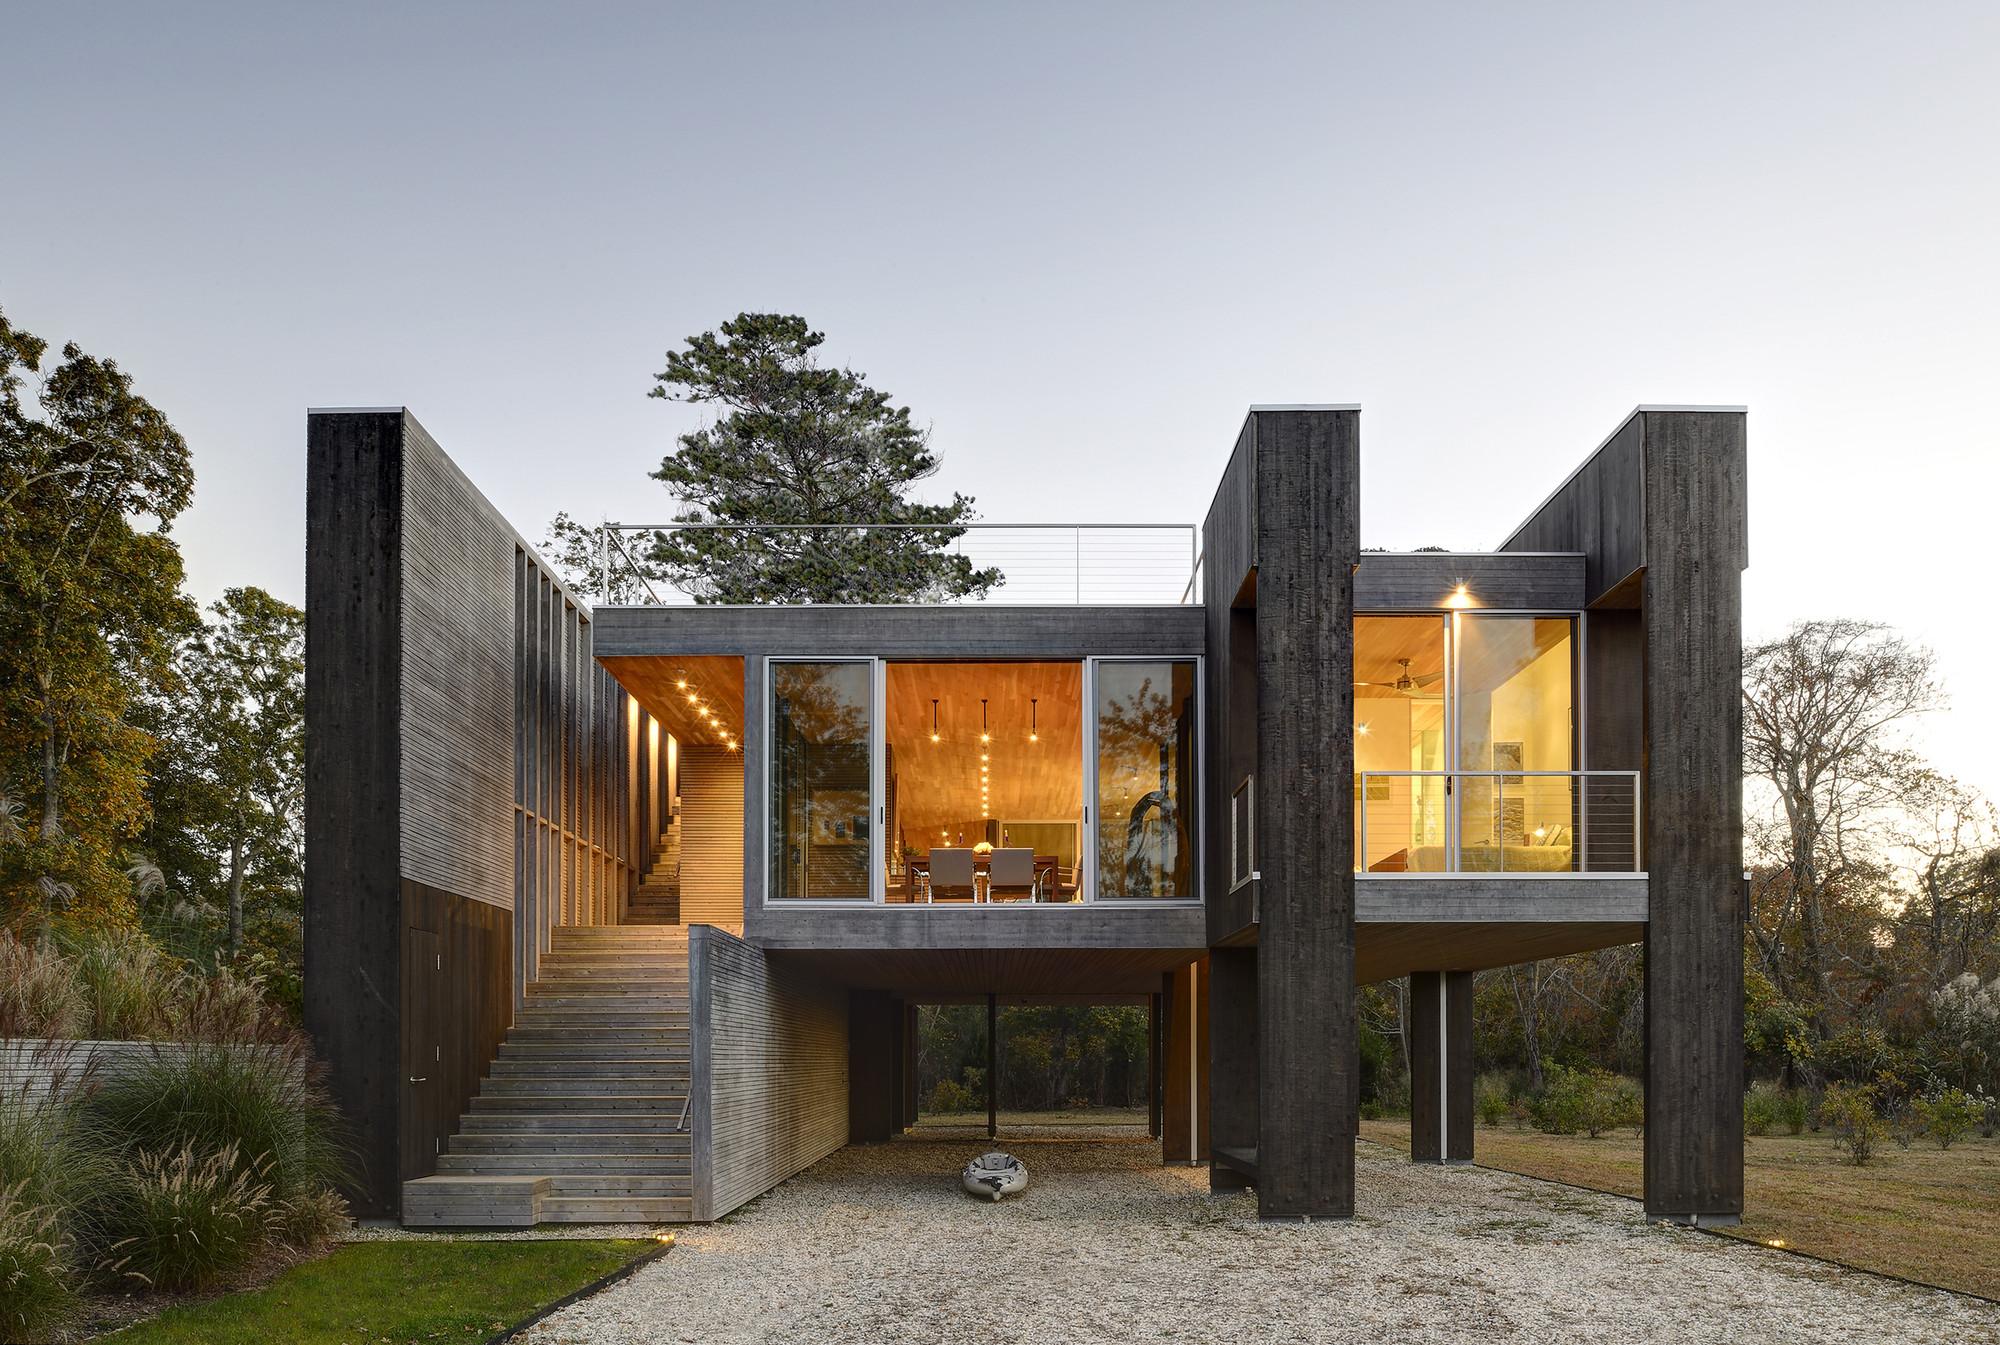 Hauser Conhouse